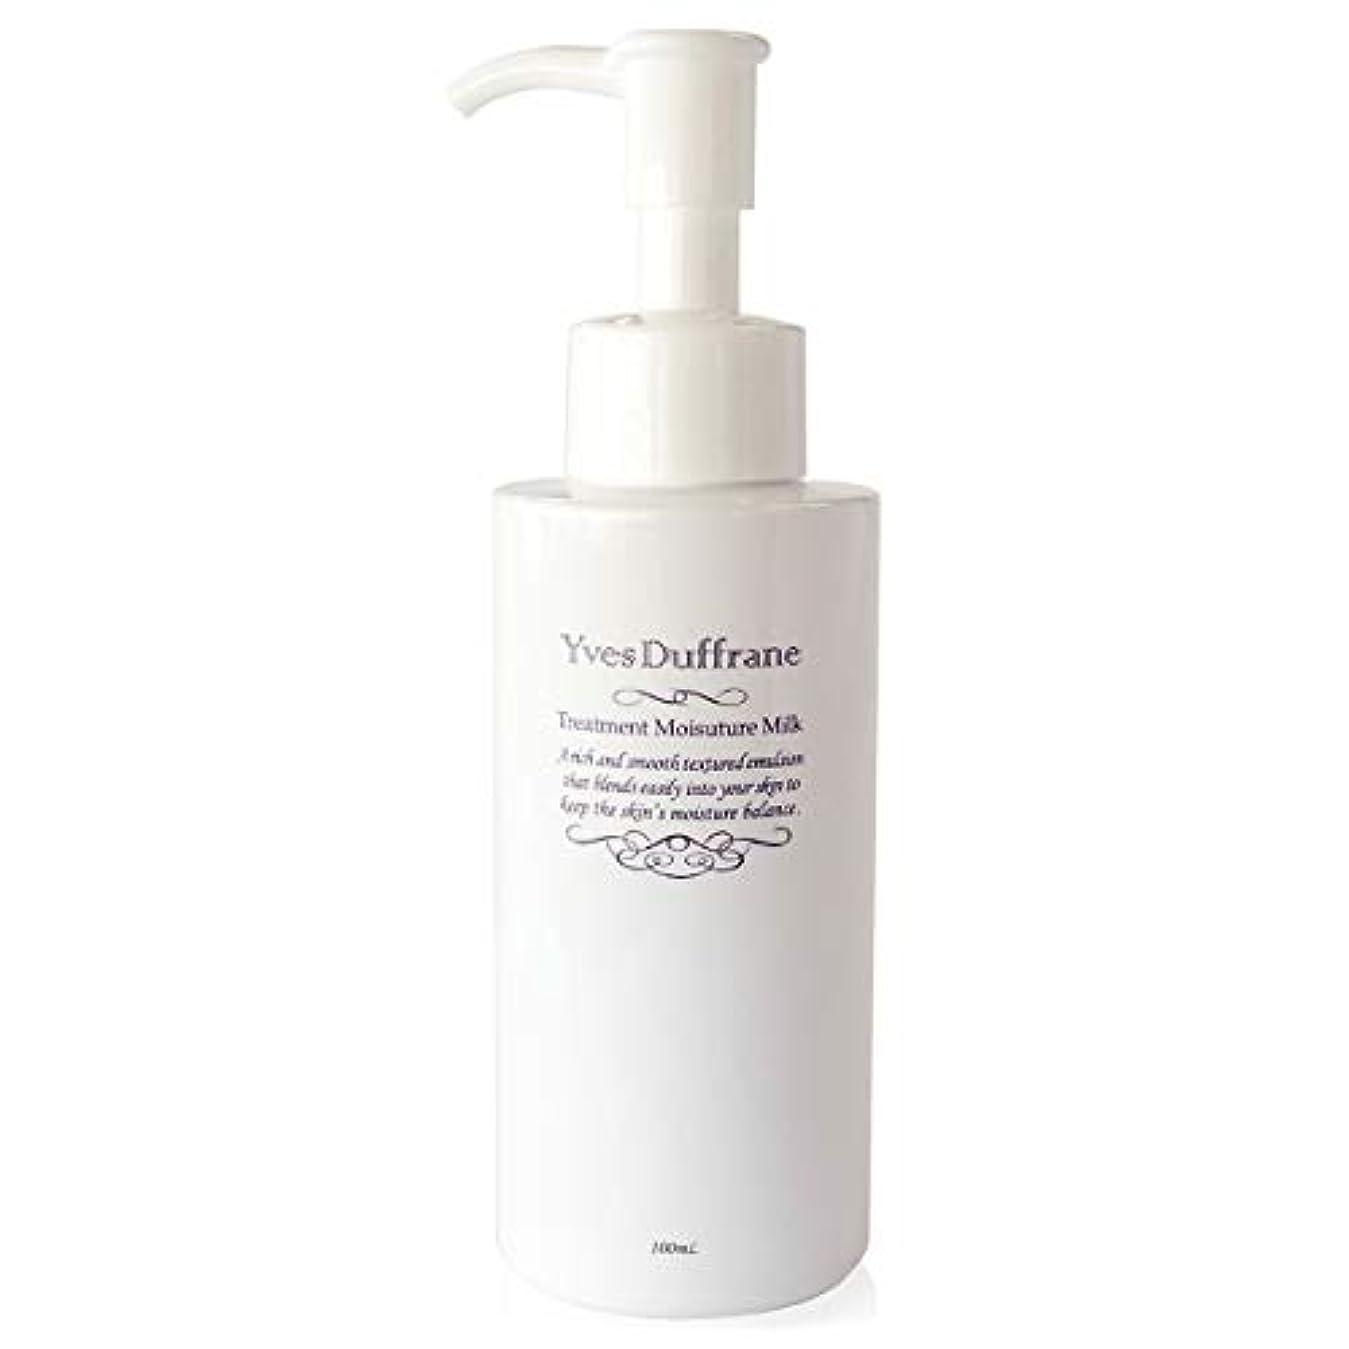 共産主義者監督する個人乳液/セラミド アミノ酸 配合 [ 美容乳液 ] 増粘剤不使用 保湿 乾燥?敏感肌対応